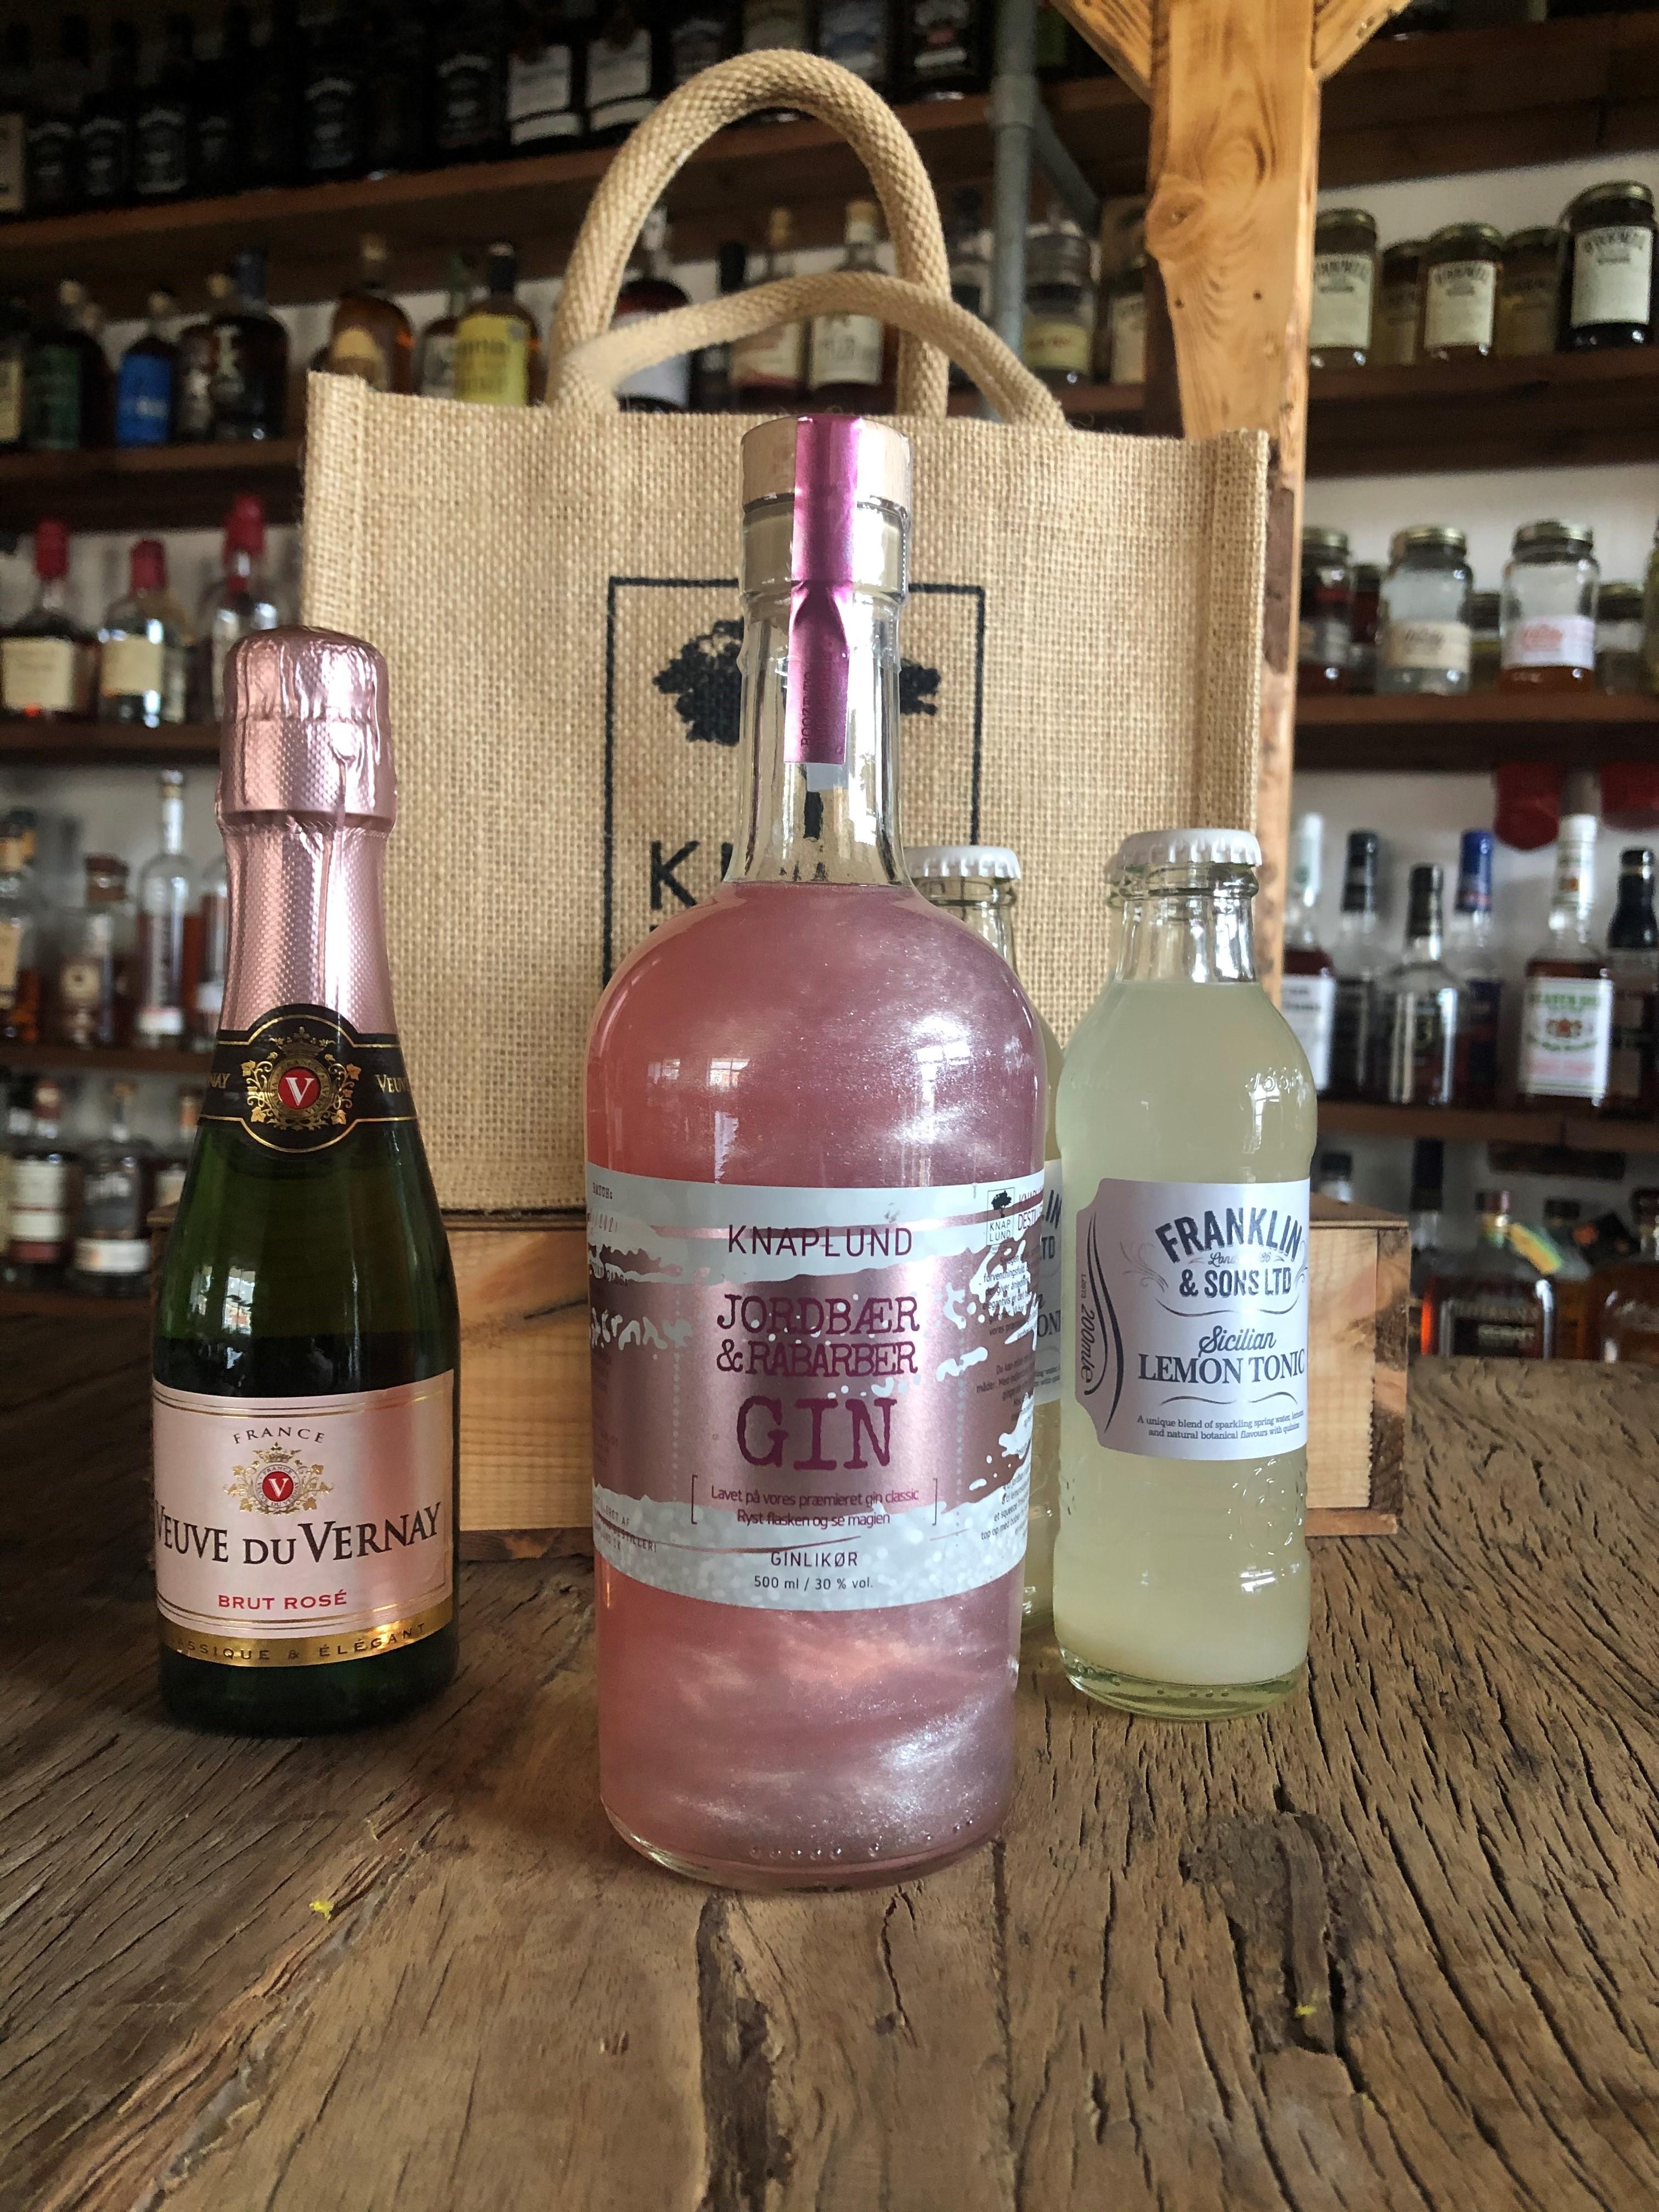 Cocktail pakke med Pink gin m/sølvglimmer | Lille bobler